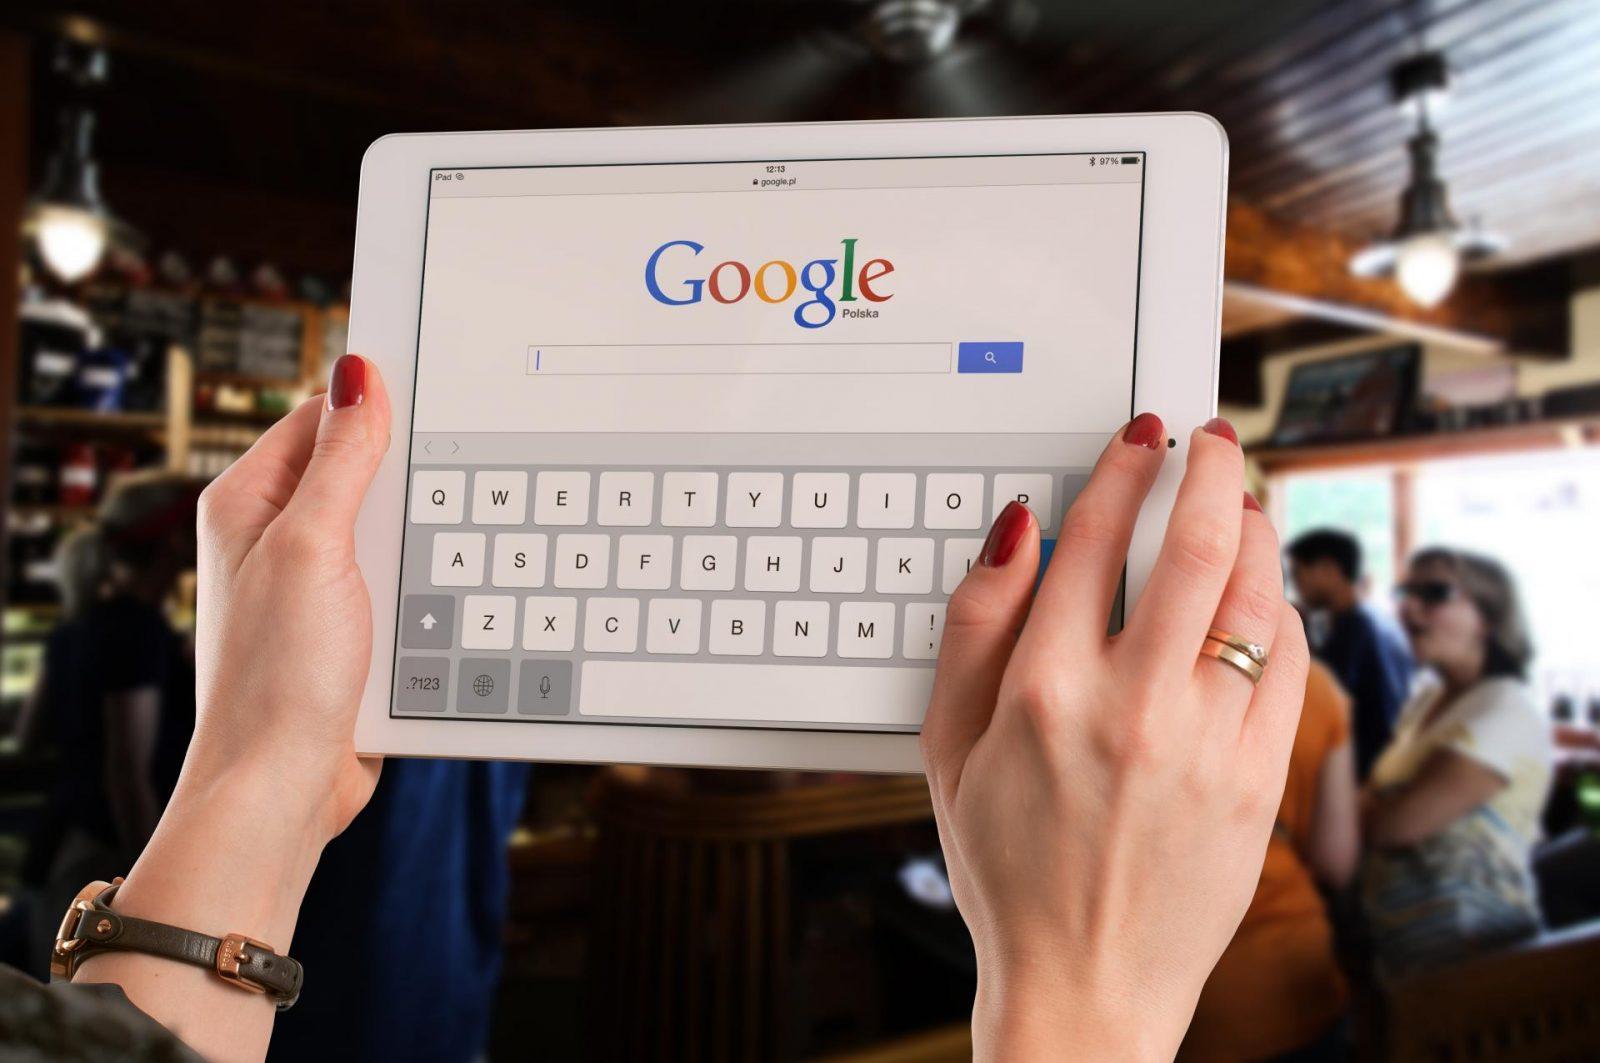 Do You Google Your Symptoms?